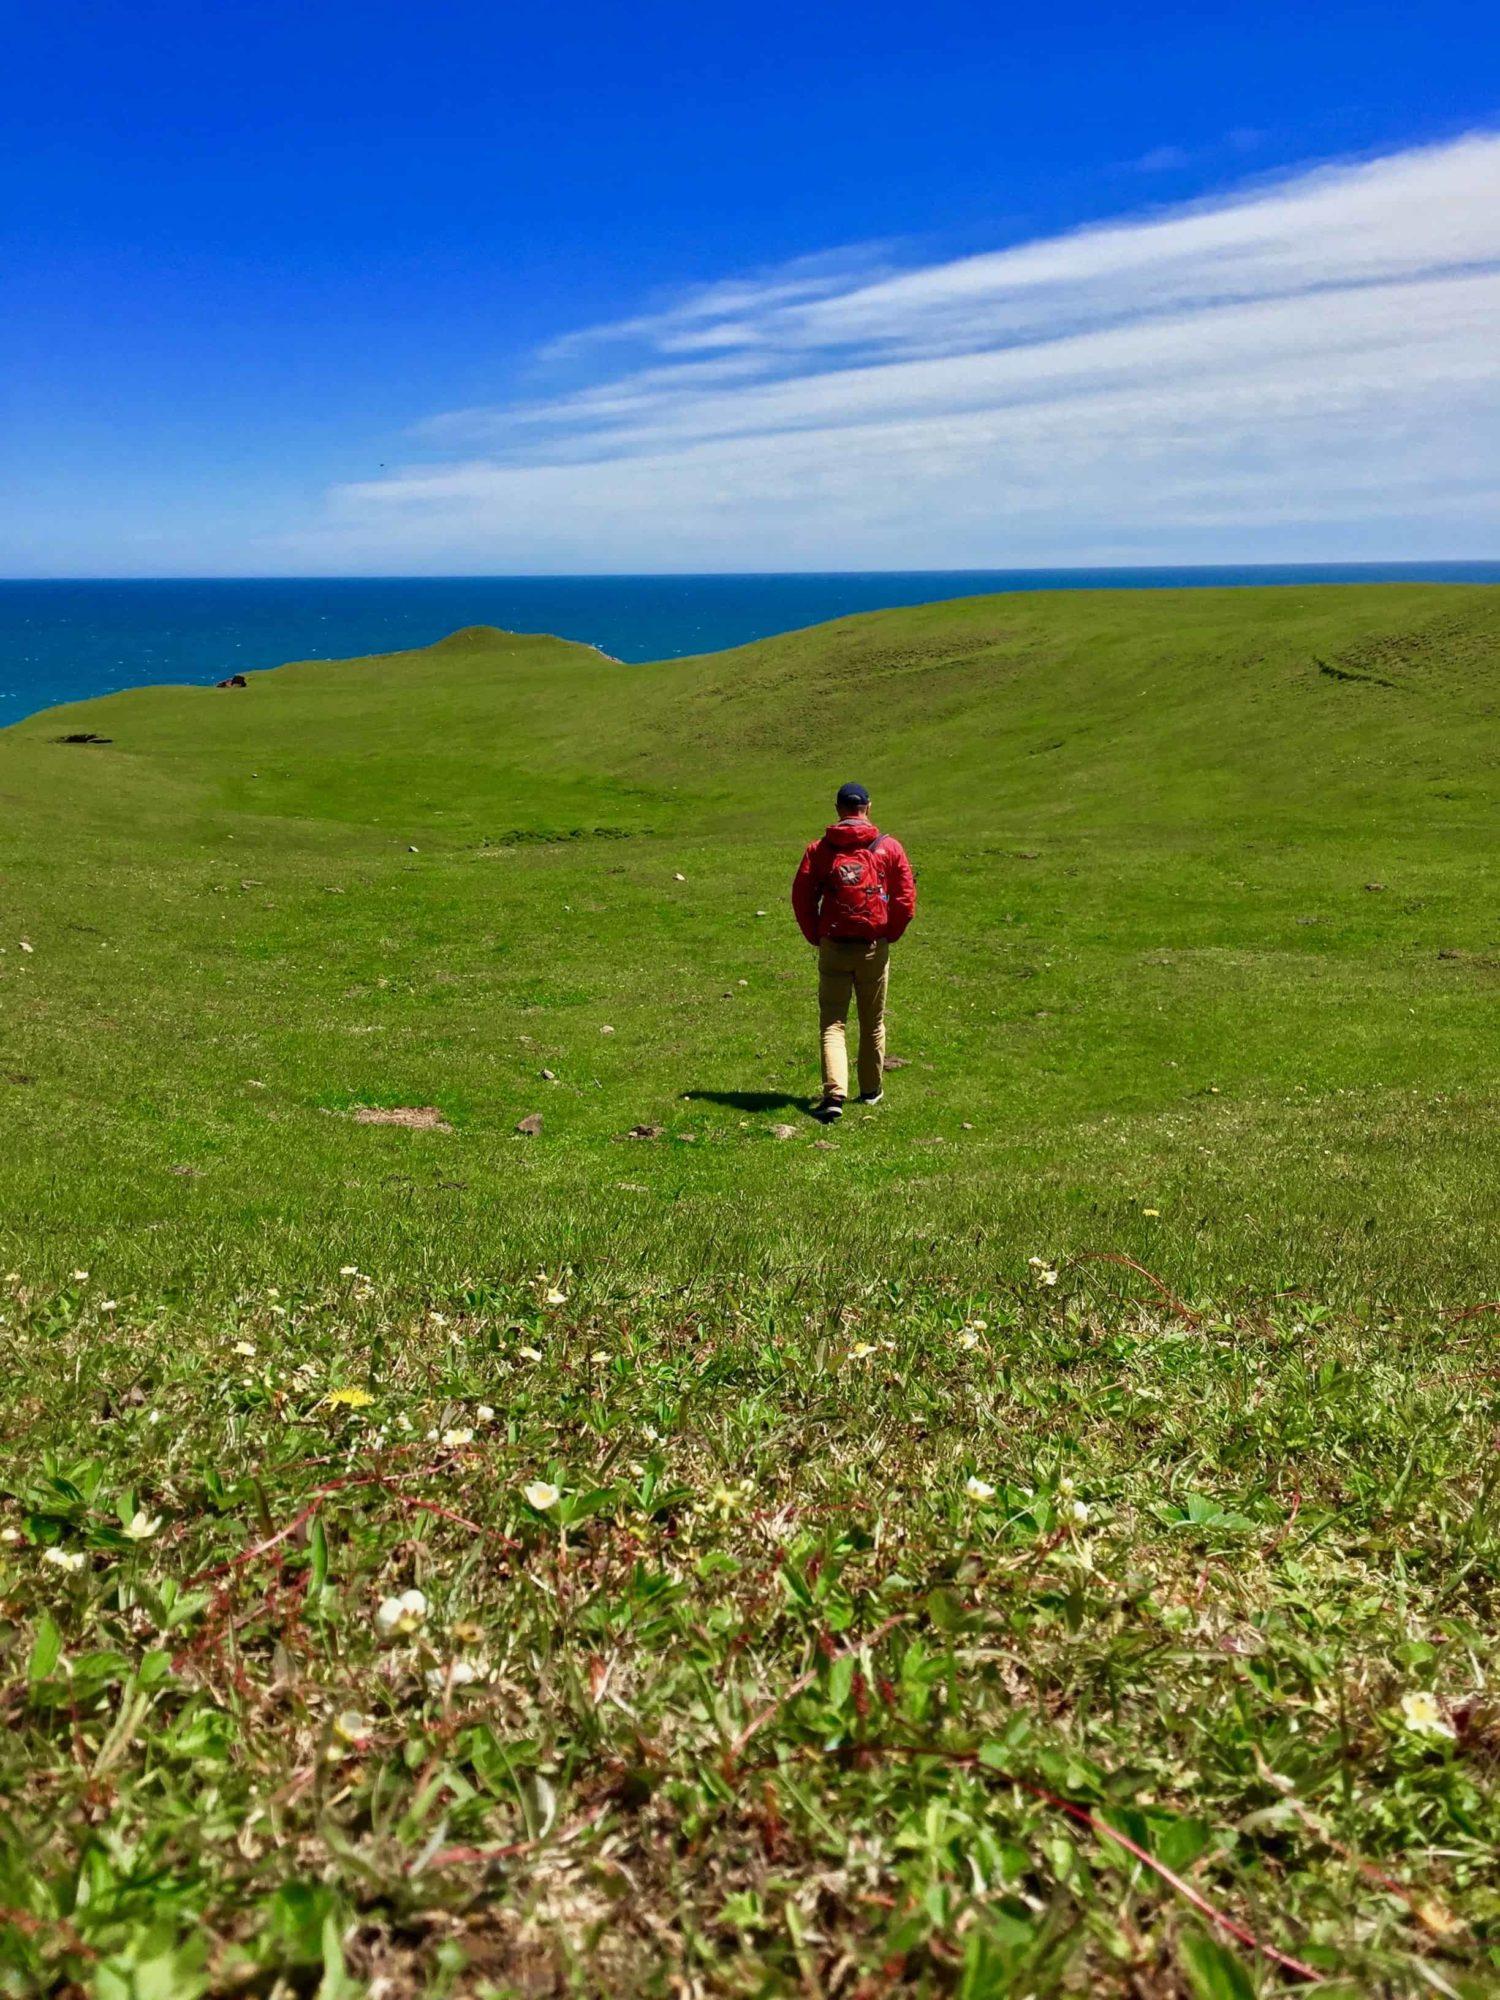 Mann auf grüner Wiese, Entry Island, Quebec, Kanada.